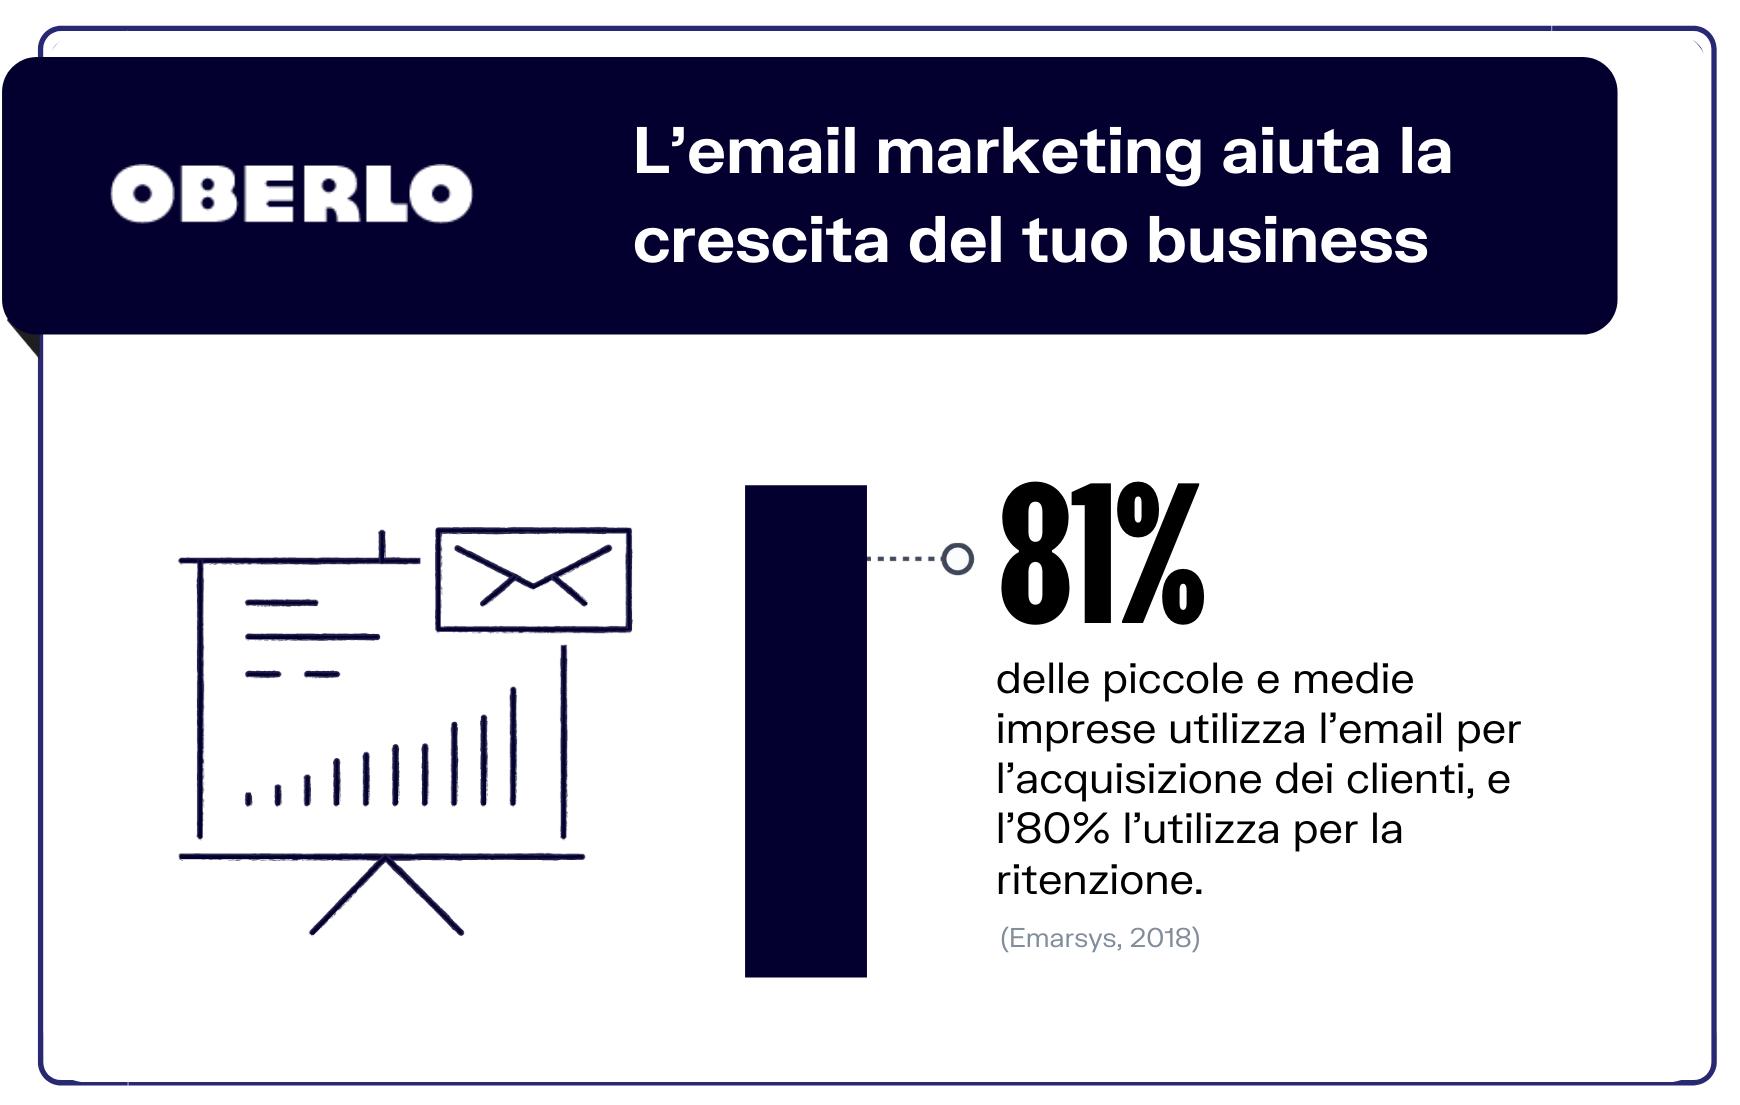 email marketing per acquisizione e ritenzione